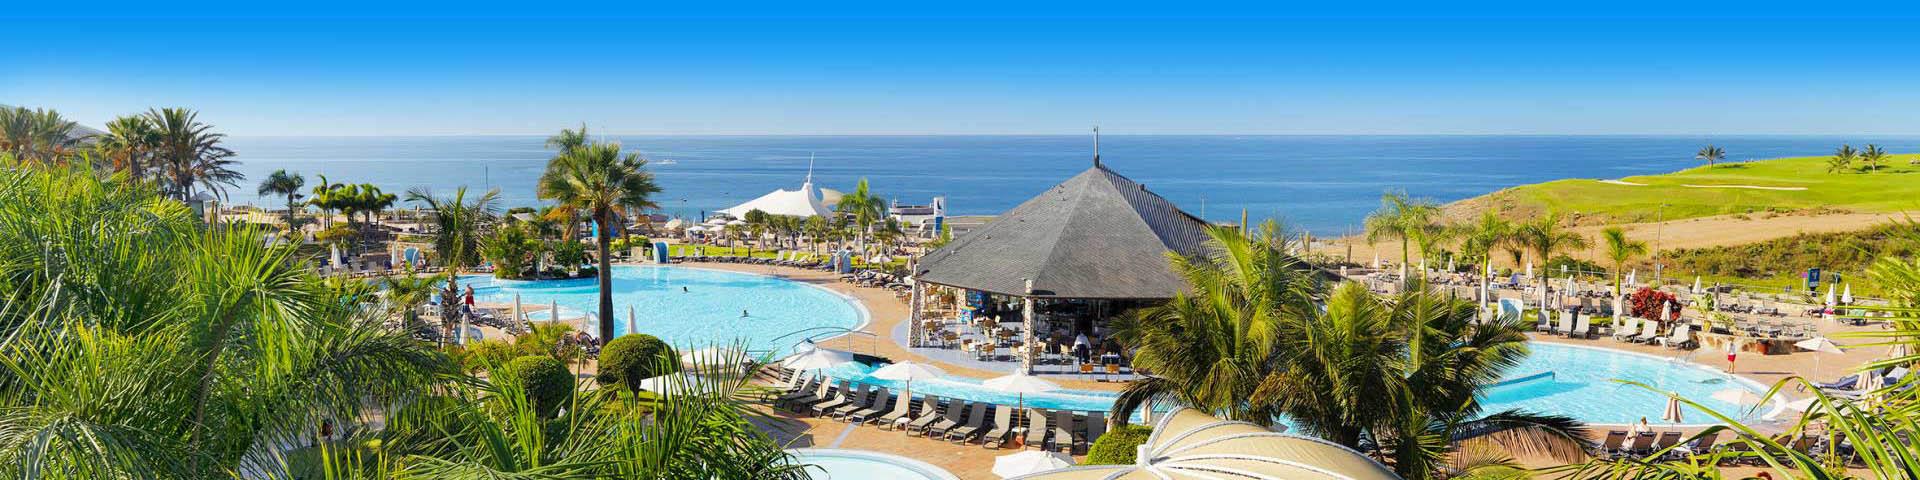 Uitzicht vanaf een hotel op Gran Canaria over de zee en het zwembad